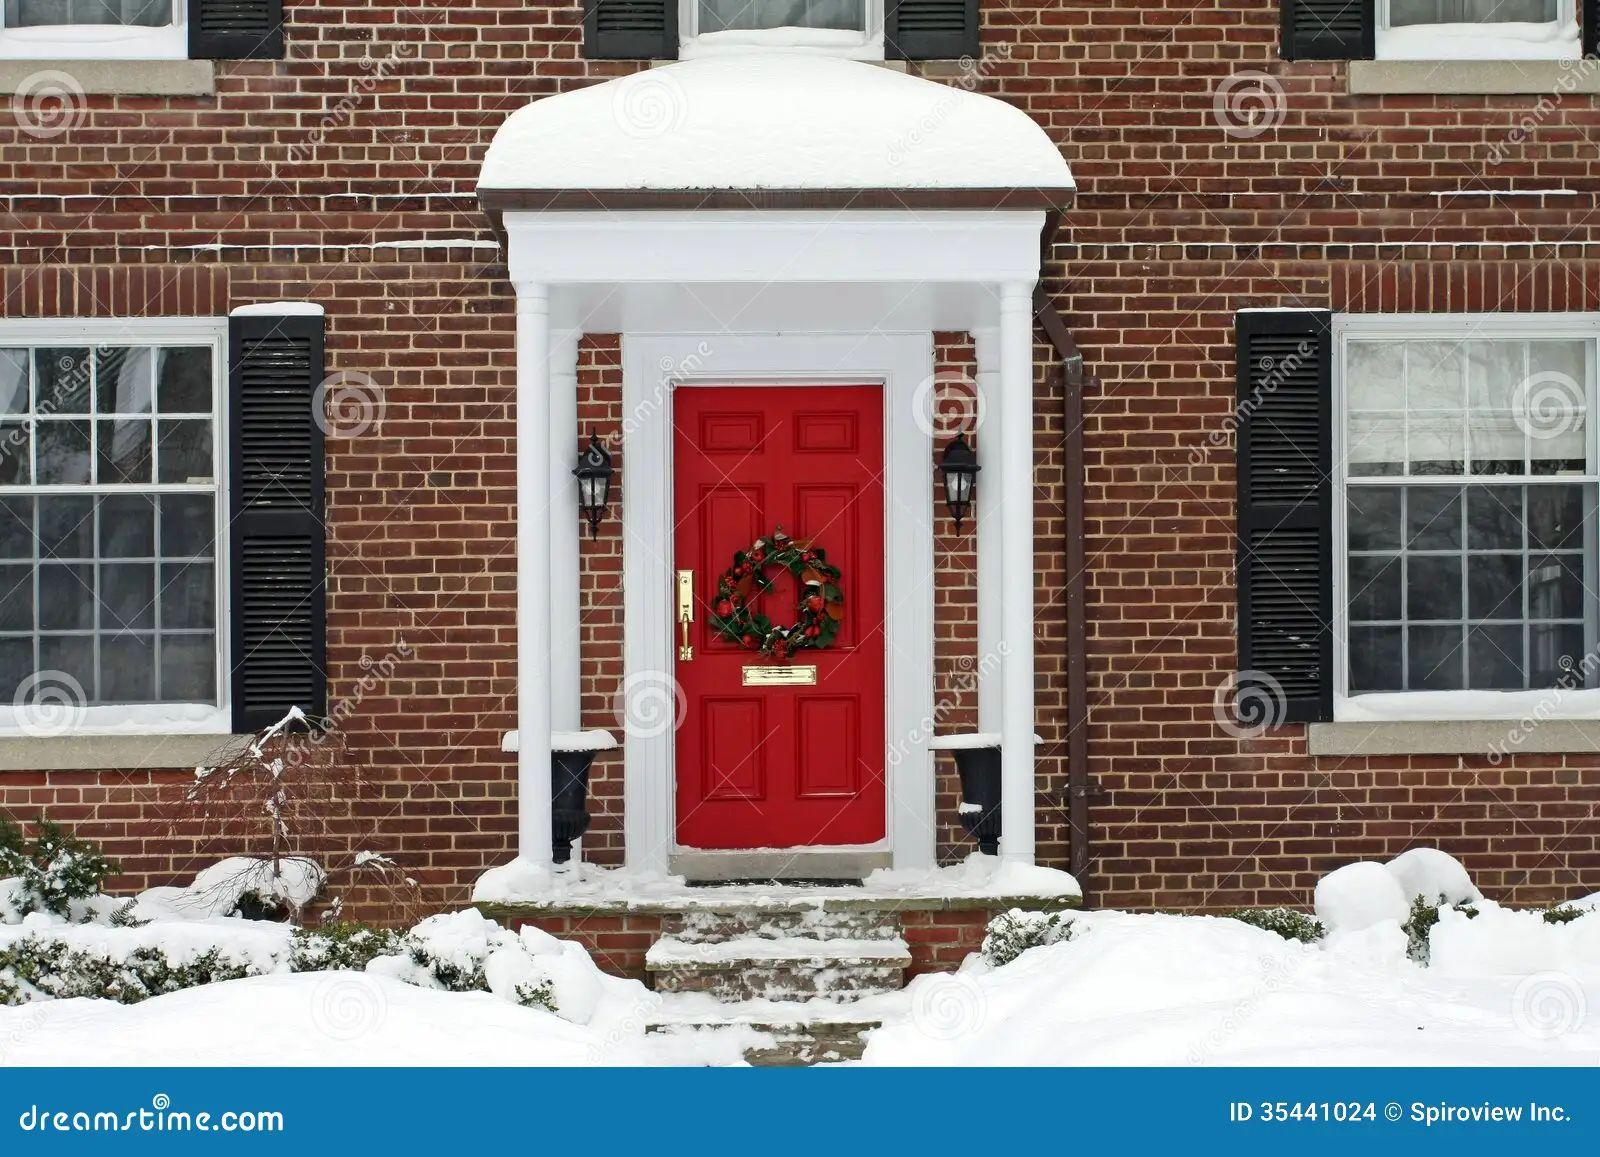 Christmas Front Door Clipart front door clipart